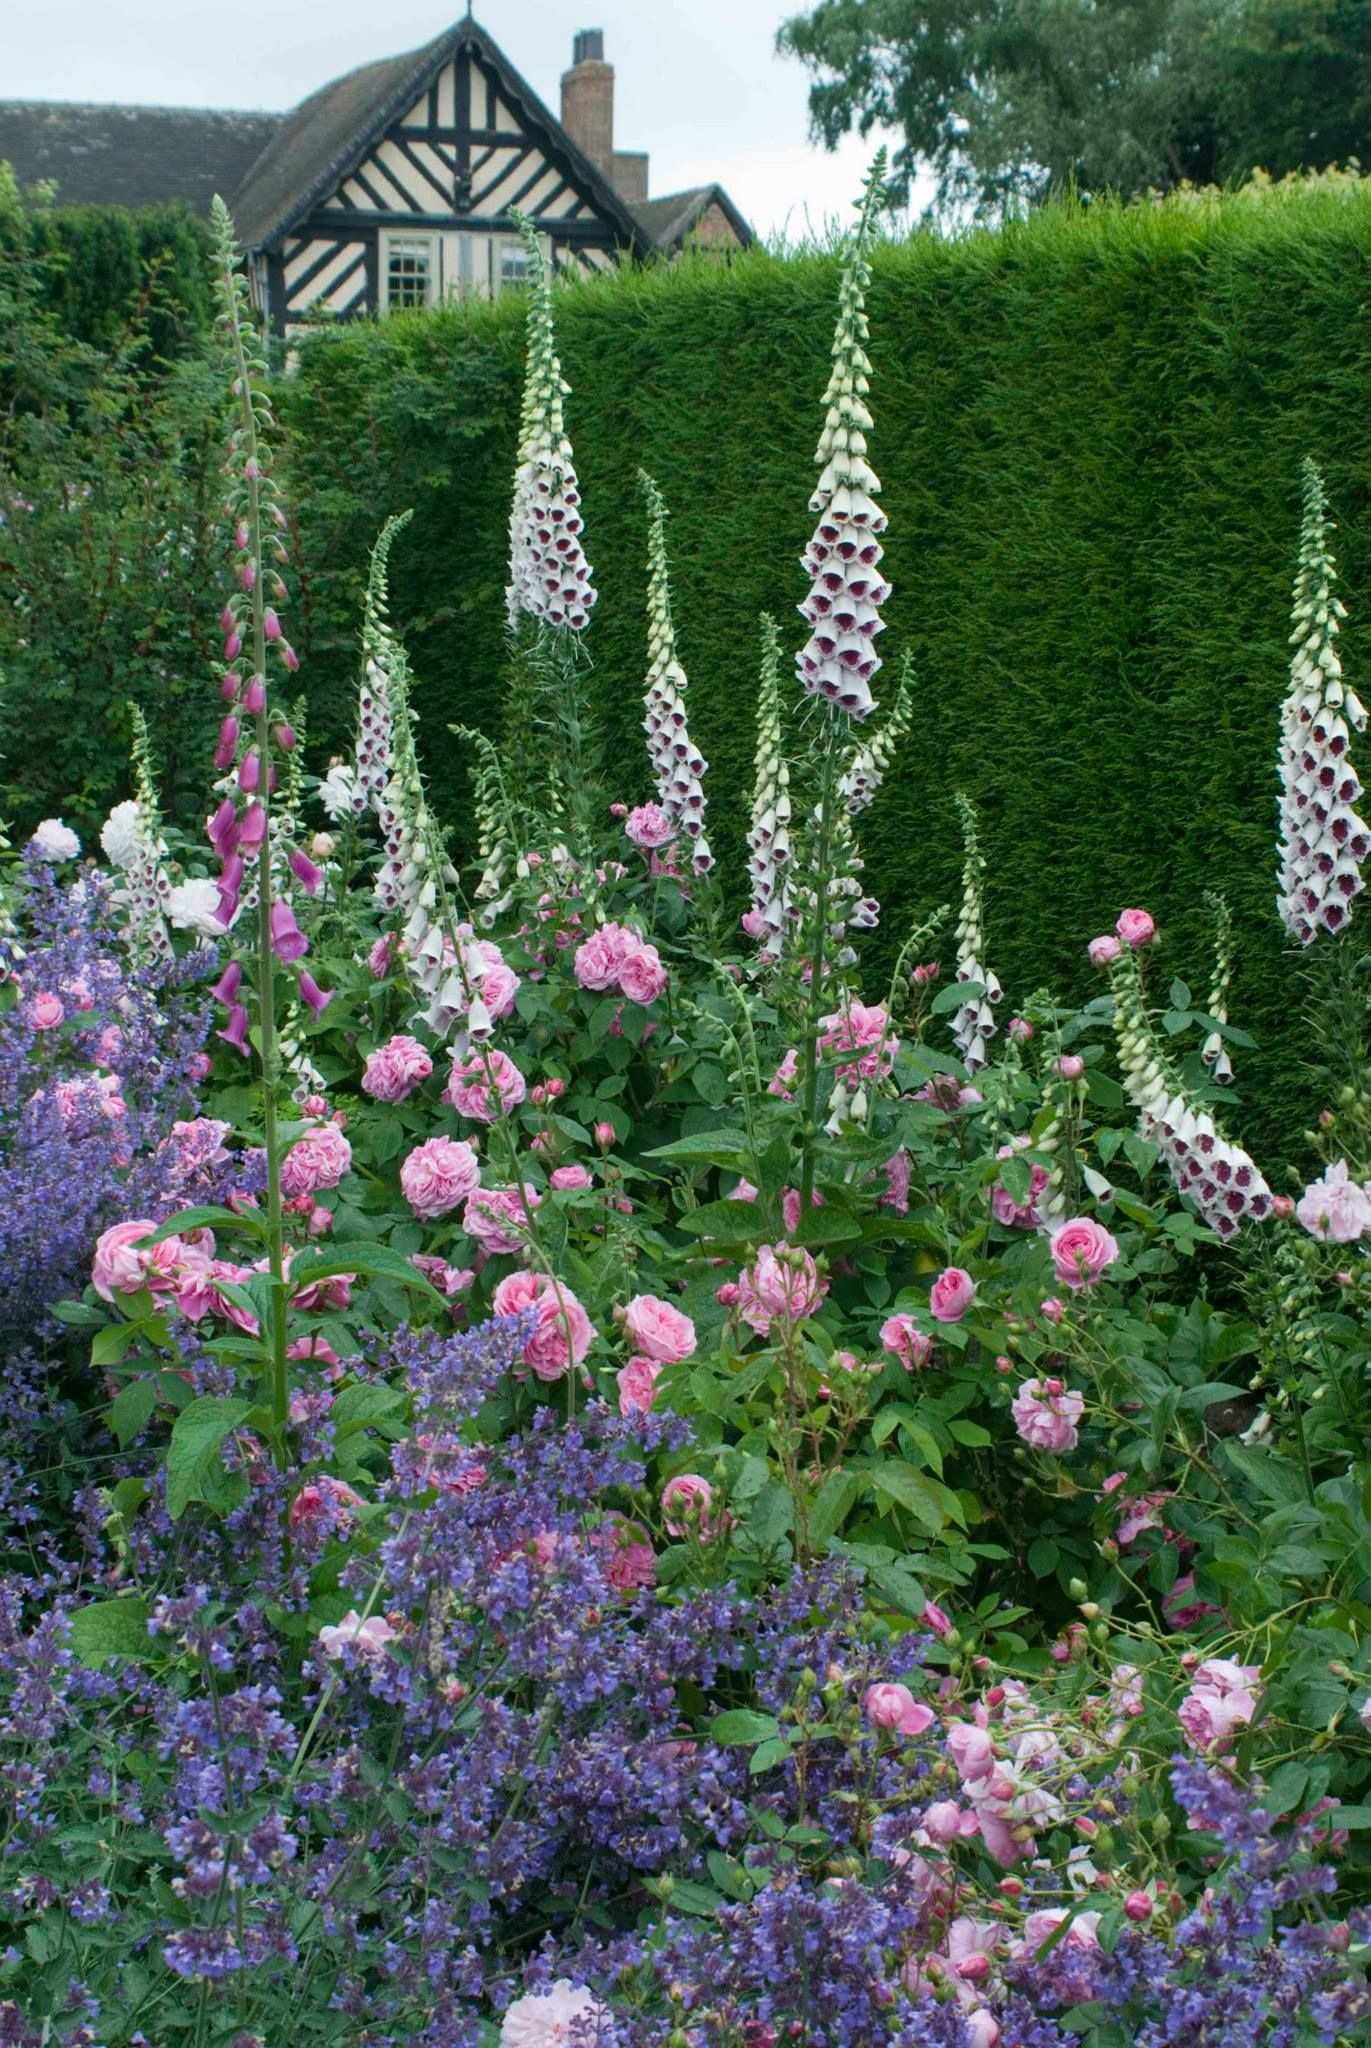 Cottage garten pflanzen  Cottage garden | gardening | Pinterest | Gärten, Gartenideen und ...